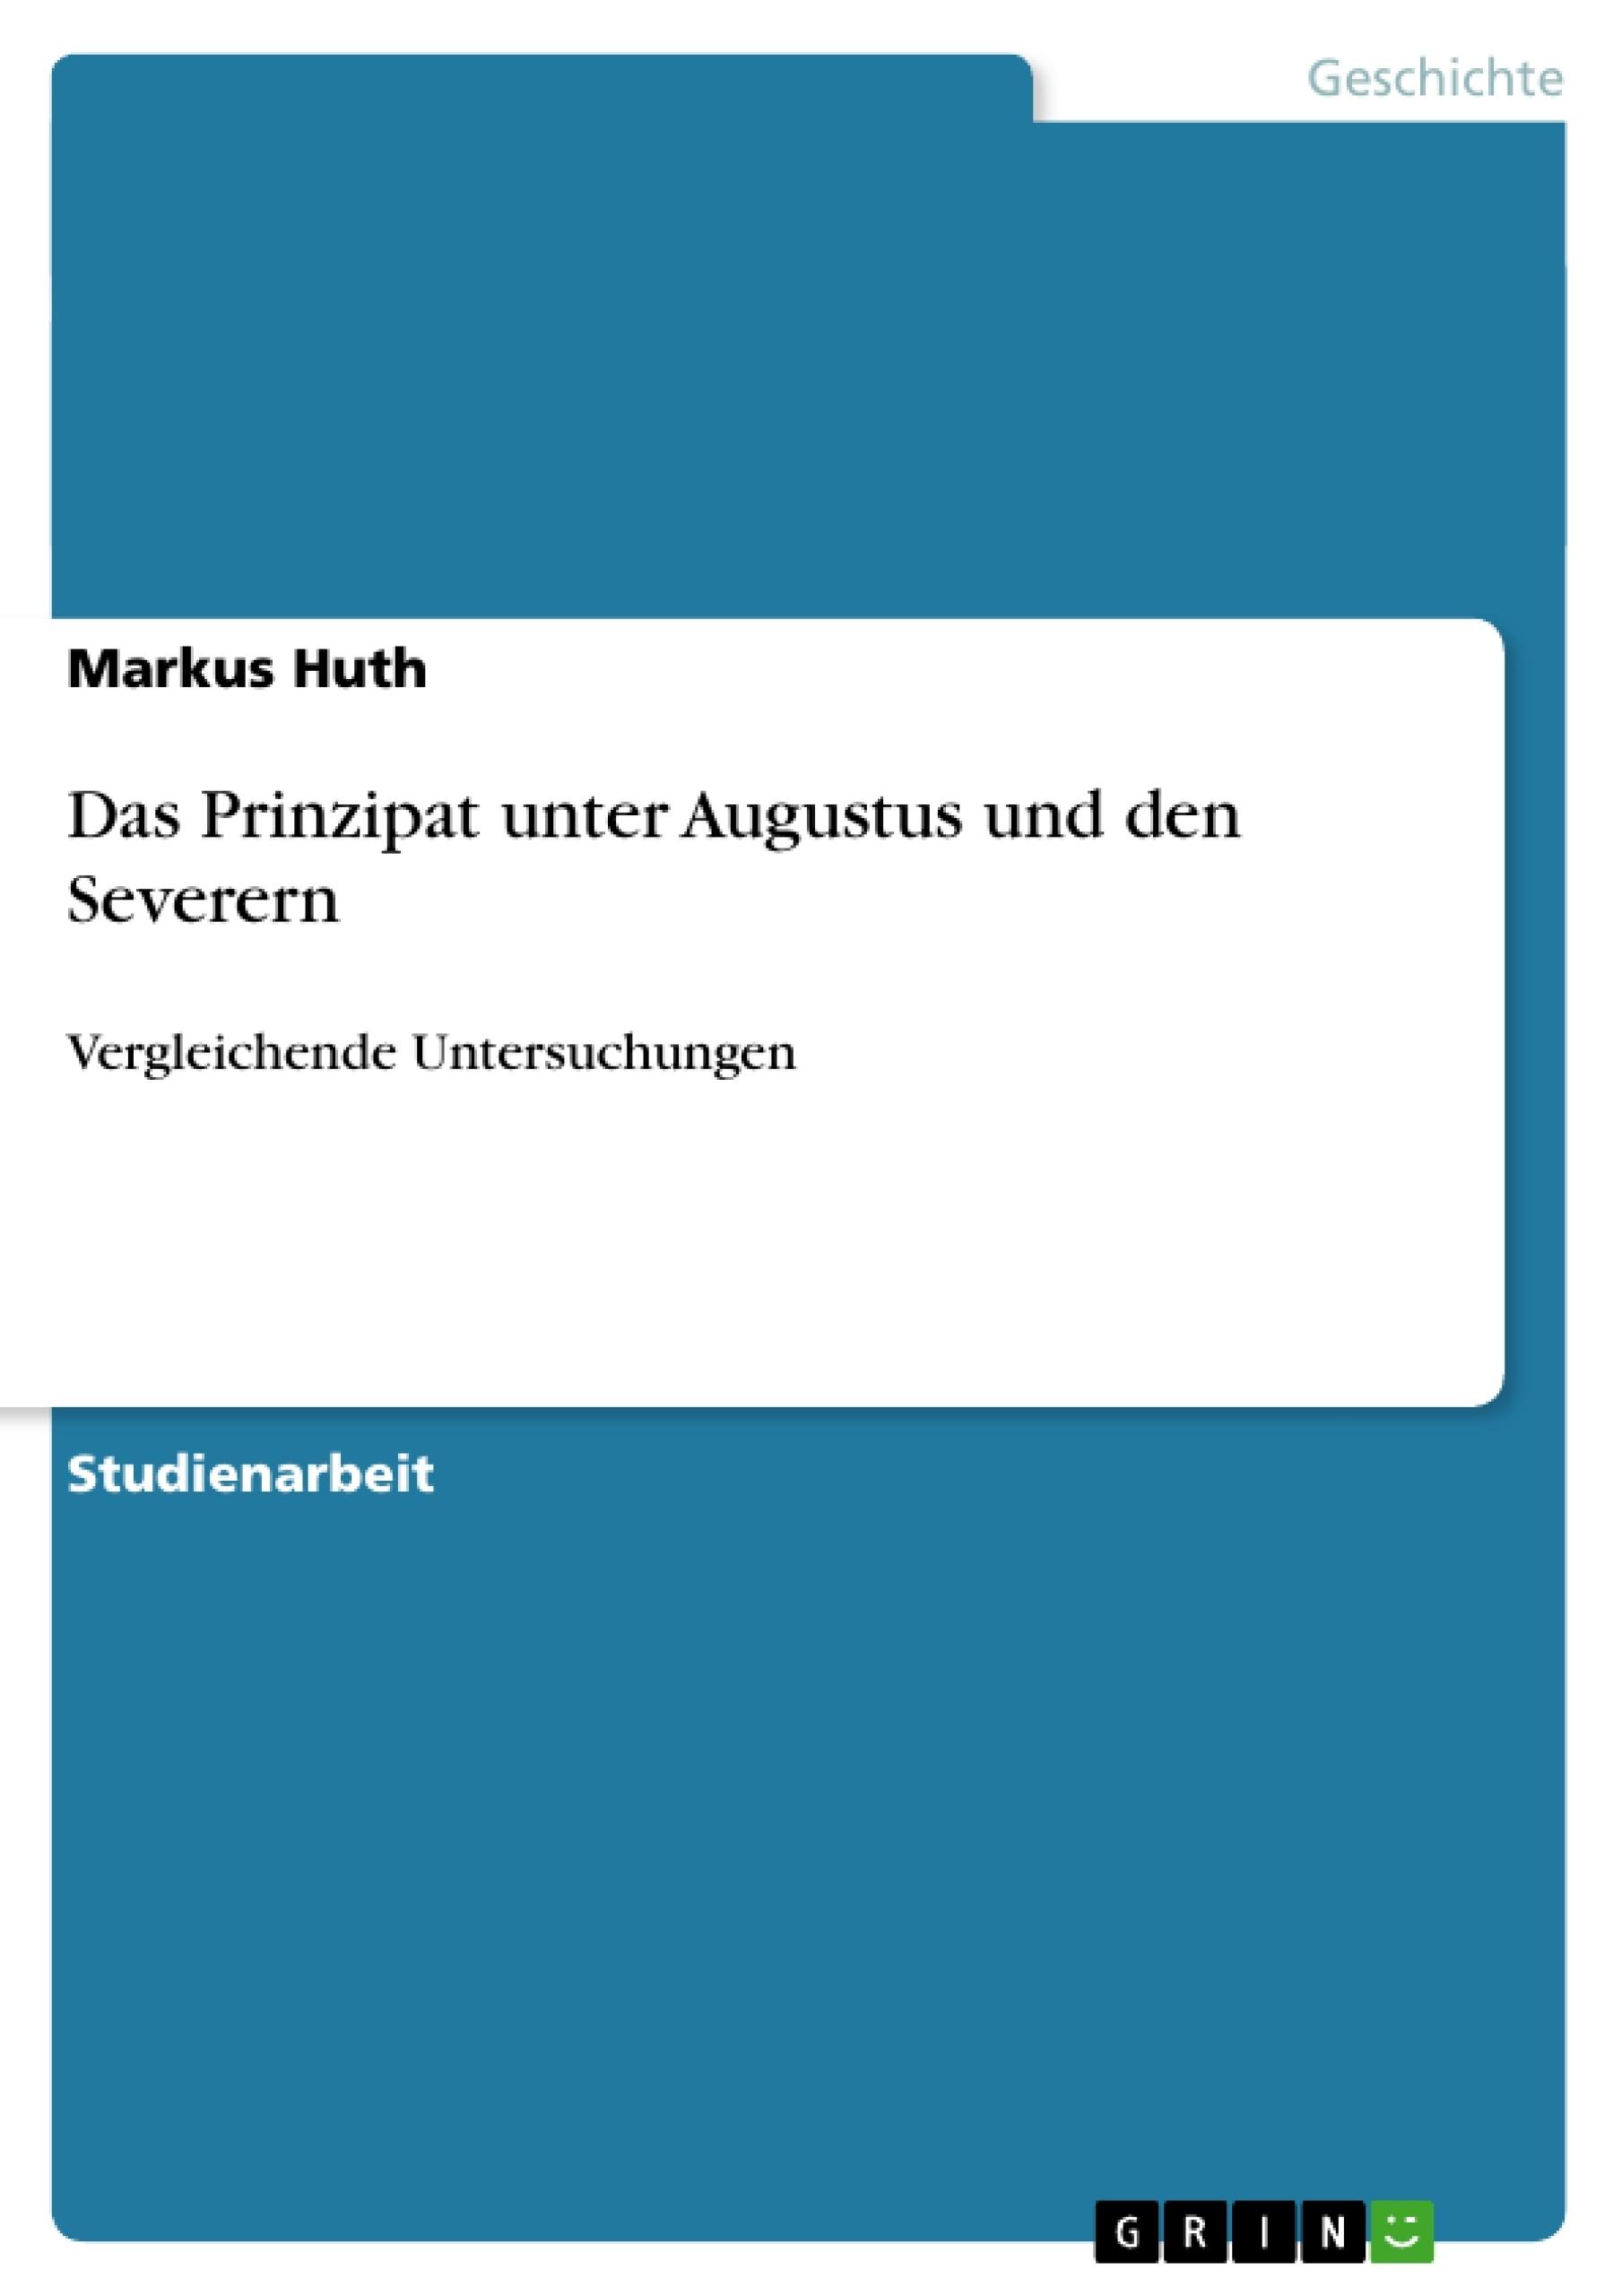 Titel: Das Prinzipat unter Augustus und den Severern